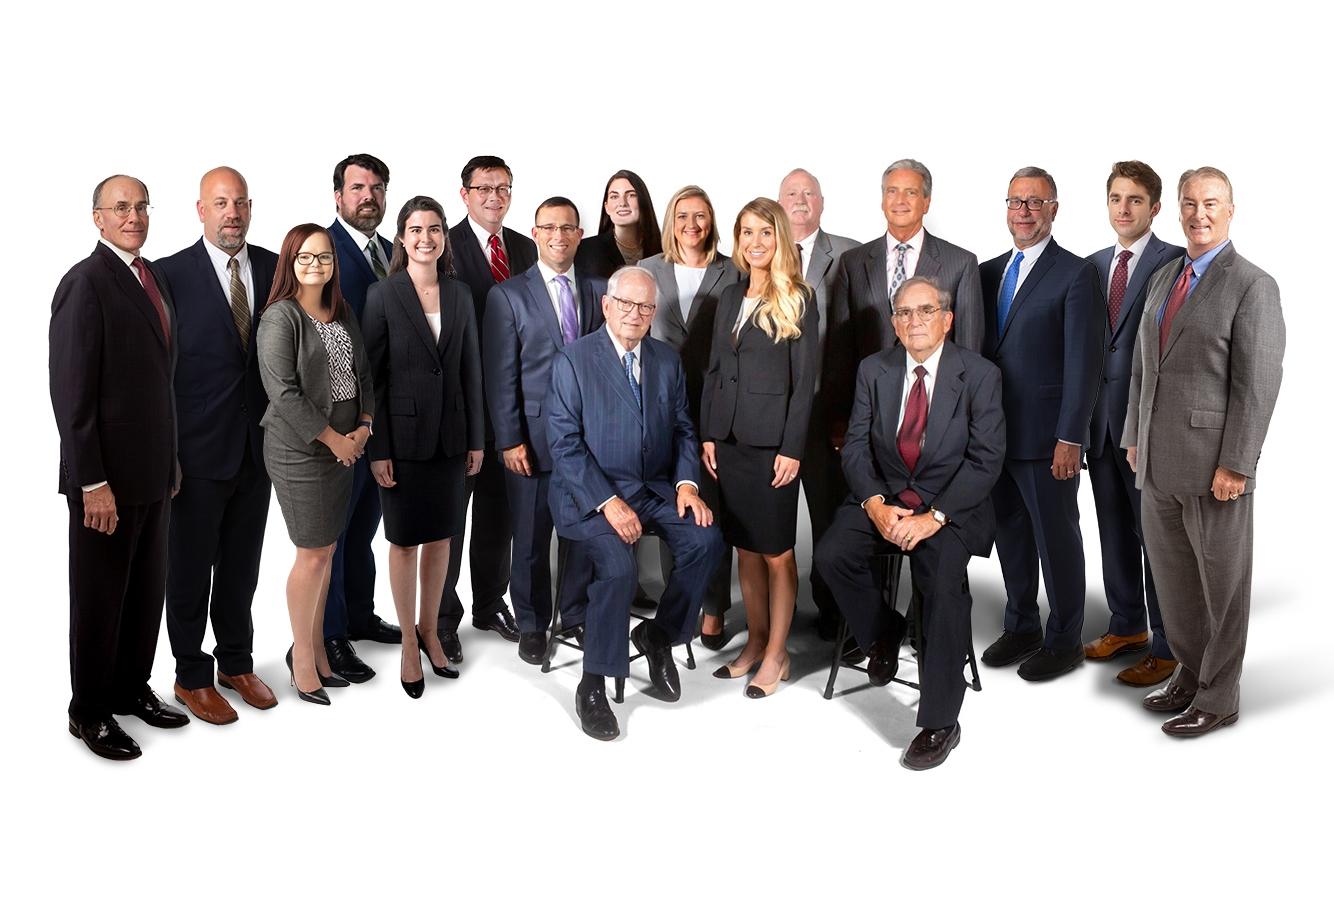 harrisonburg attorneys